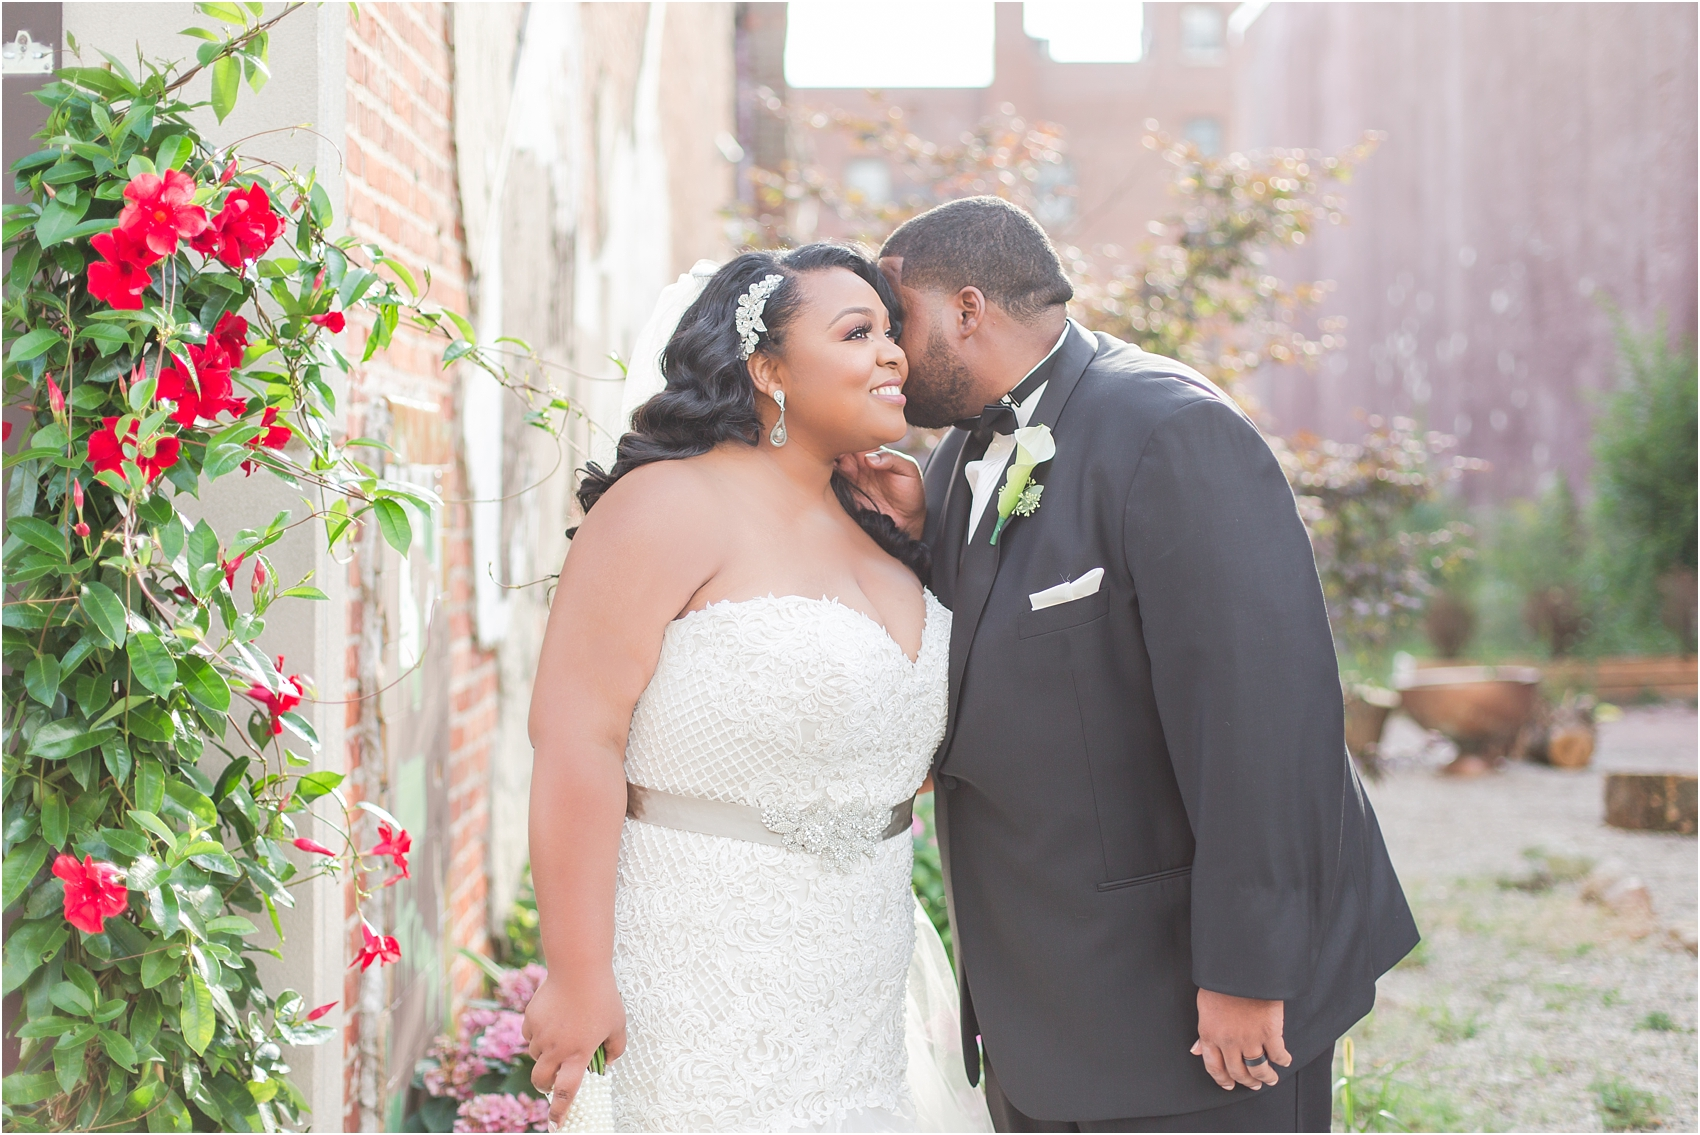 minimalist-and-modern-wedding-photos-at-30-north-saginaw-in-pontiac-michigan-by-courtney-carolyn-photography_0069.jpg